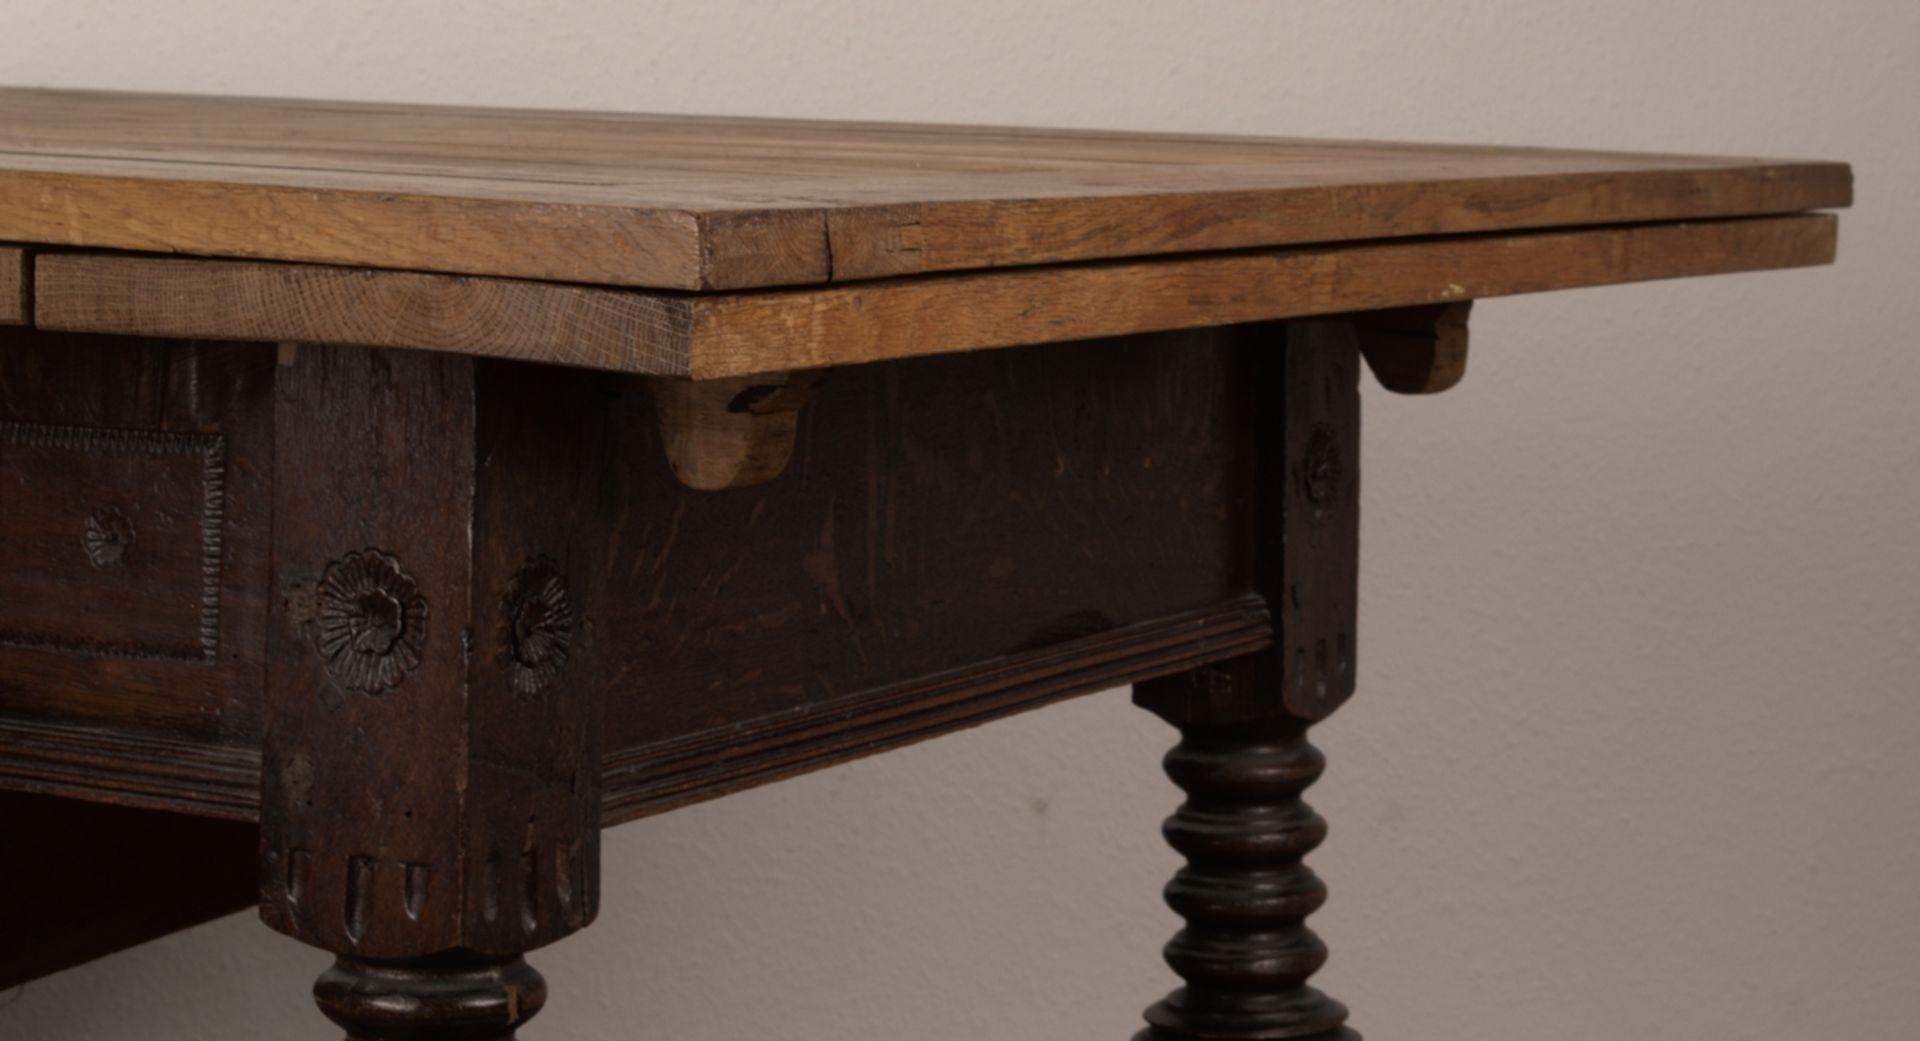 Großer Auszugstisch, Franken um 1730/50. Querverstrebter Tischunterbau mit kräftigen Balusterbeinen, - Bild 20 aus 36